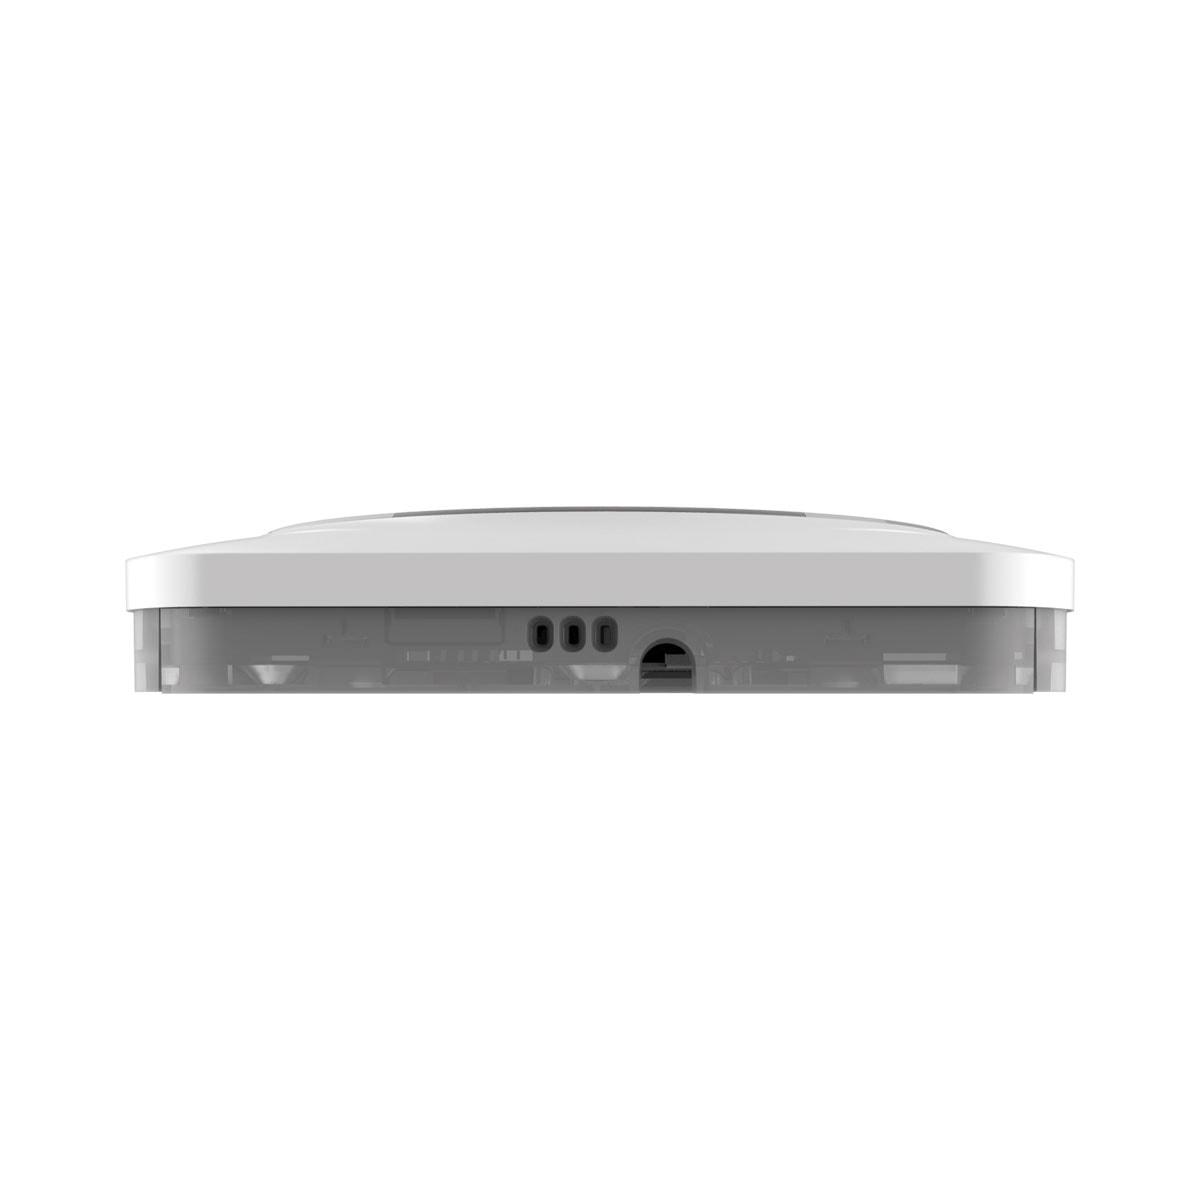 D-Link DCH-Z510 (DCH-Z510) - Achat / Vente Objets Connectés / Domotique sur Cybertek.fr - 2